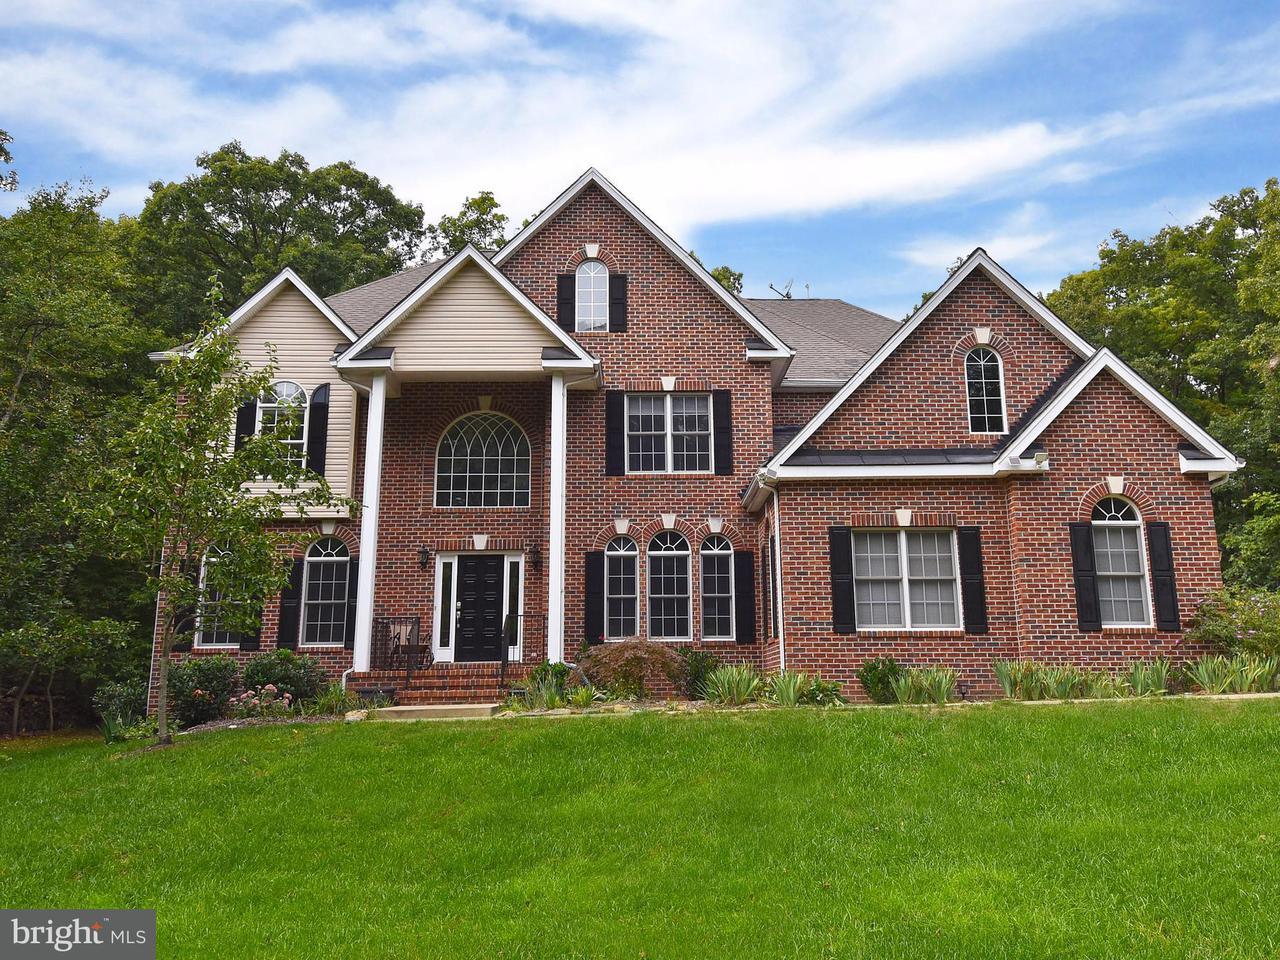 Частный односемейный дом для того Продажа на 13012 Thornton Drive 13012 Thornton Drive Catharpin, Виргиния 20143 Соединенные Штаты